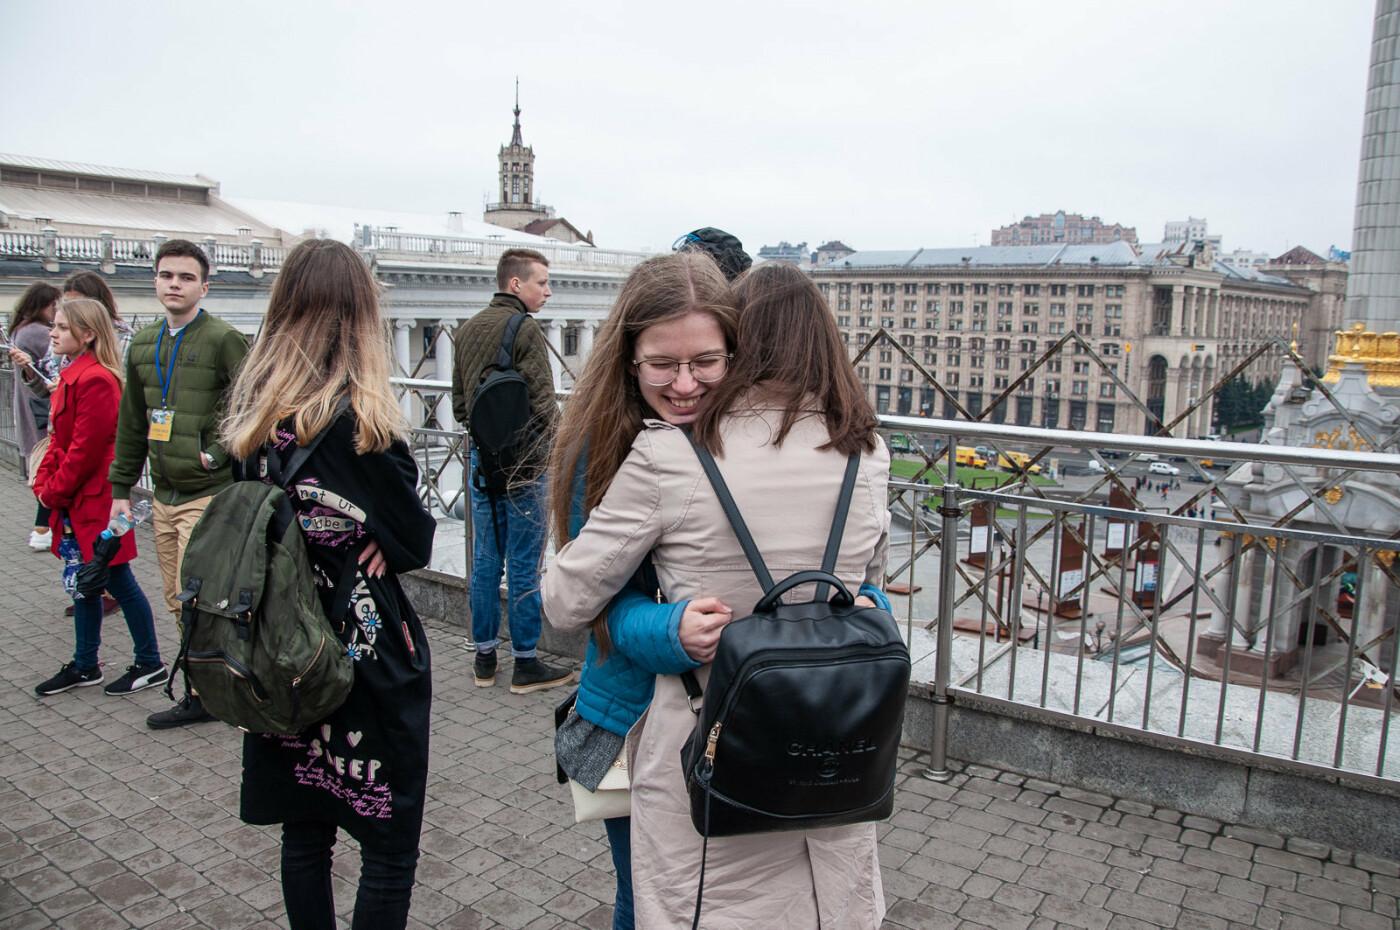 Подорож до парламенту: 20 закарпатських школярів виграли поїздку на освітню екскурсію до Верховної Ради (ВІДЕО), фото-12